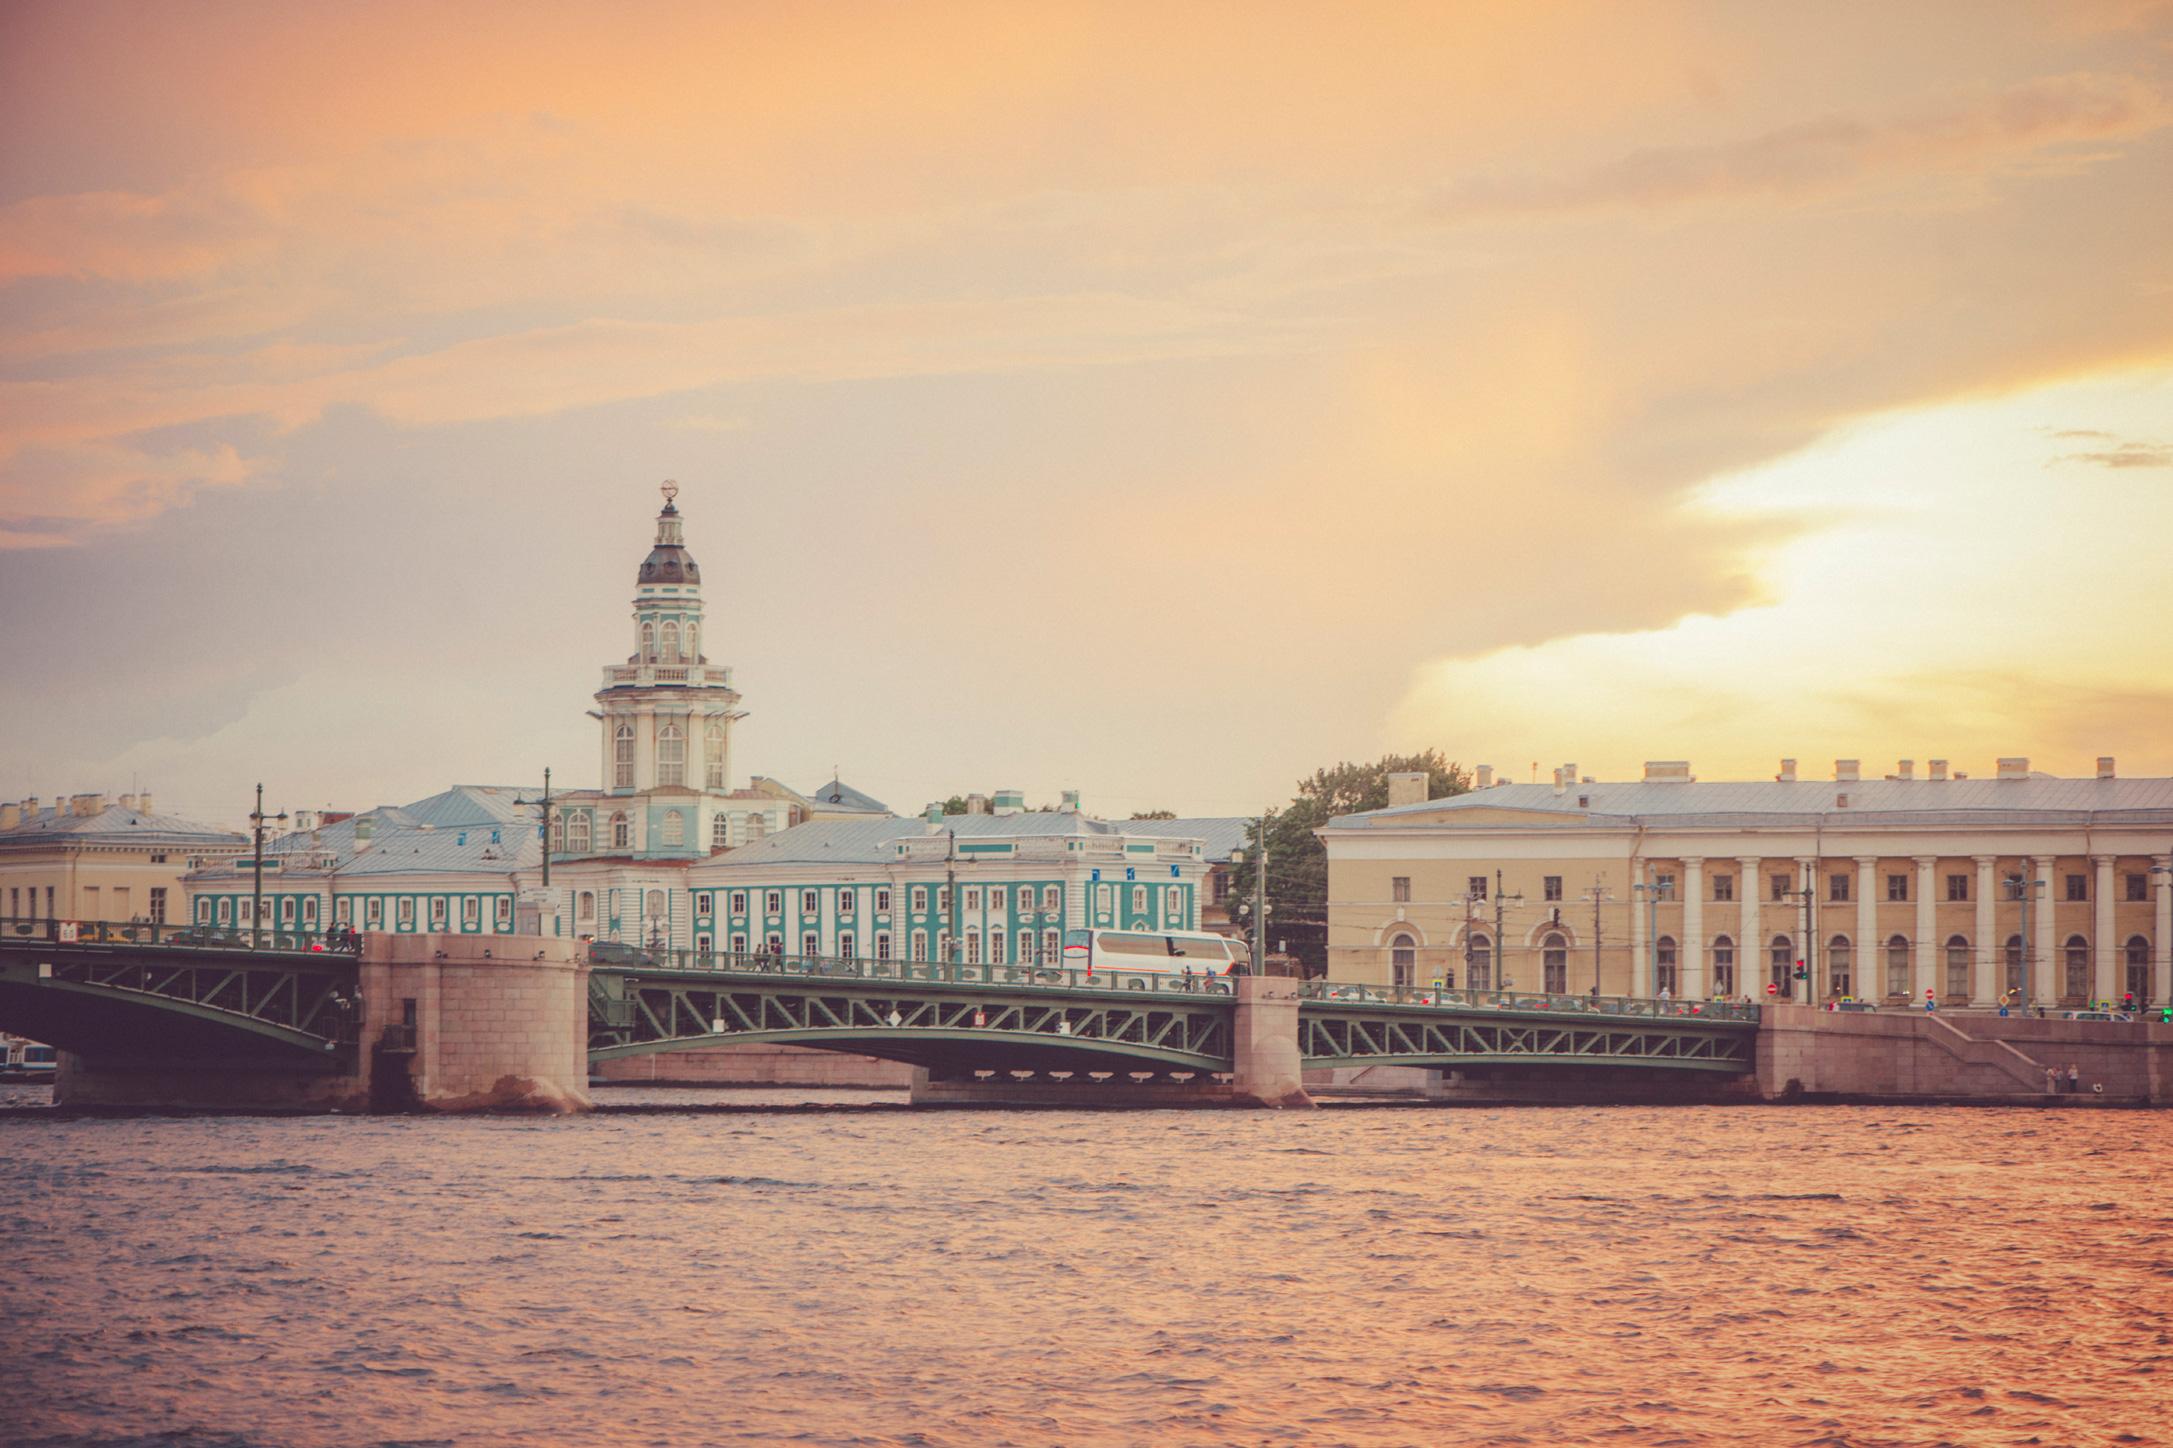 الليالي البيضاء في سان بطرسبورغ.. نافذة بديعة للسياحة في بلاد القياصرة